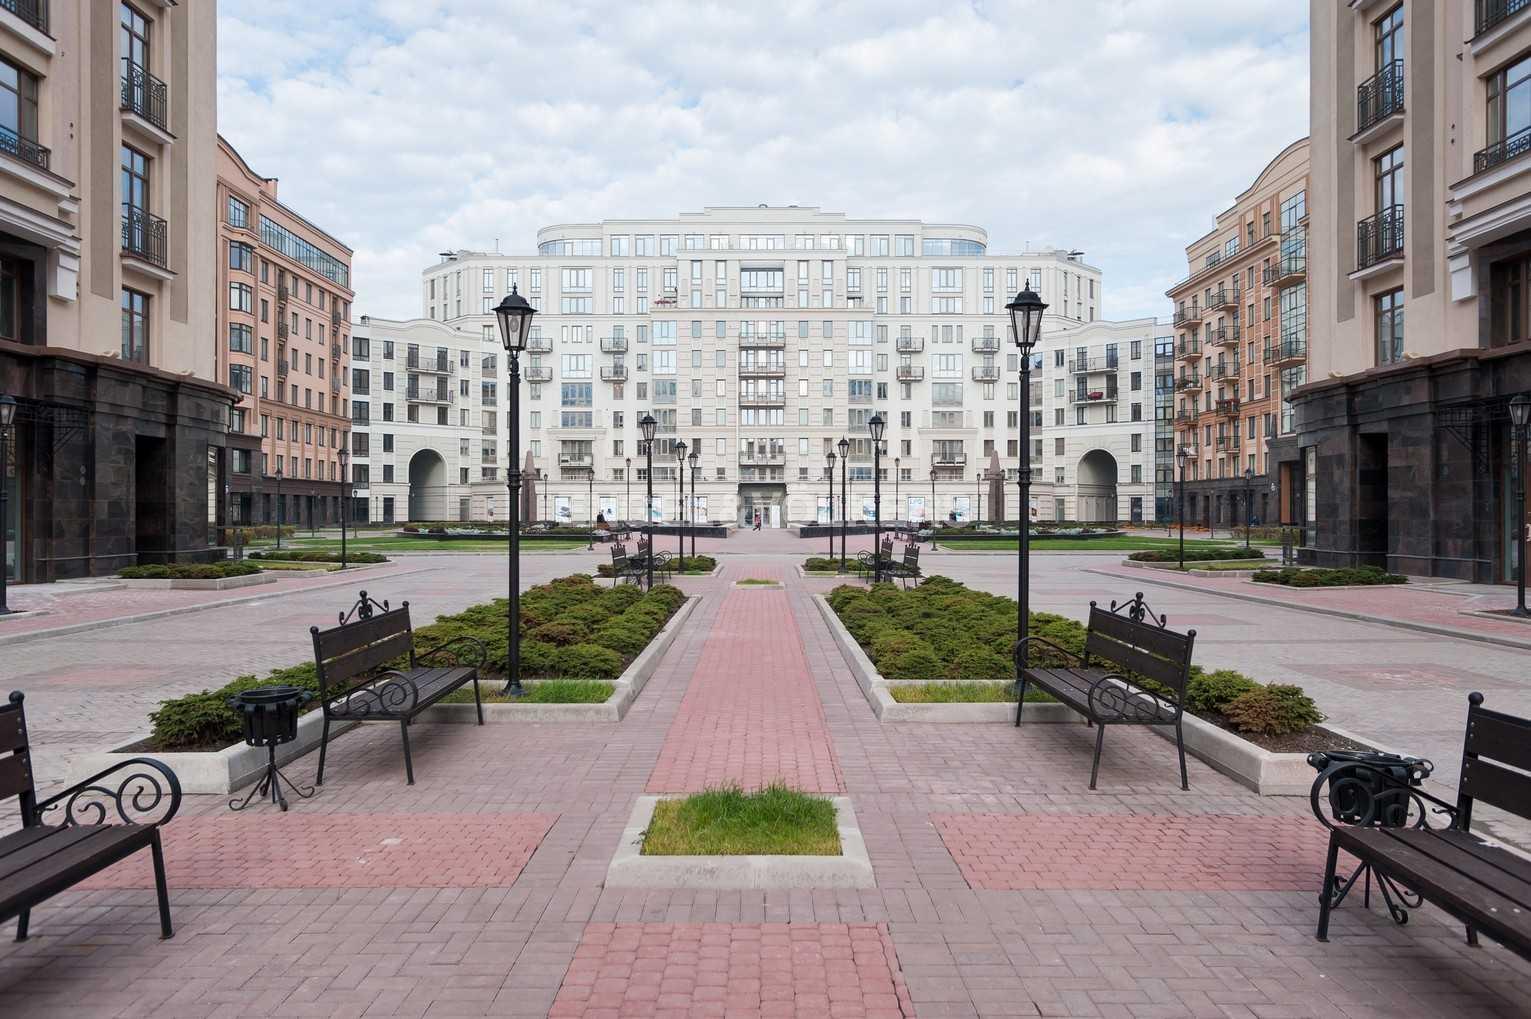 Элитные квартиры в Центральном районе. Санкт-Петербург, Парадная ул. 3. Внутренняя территория комплекса